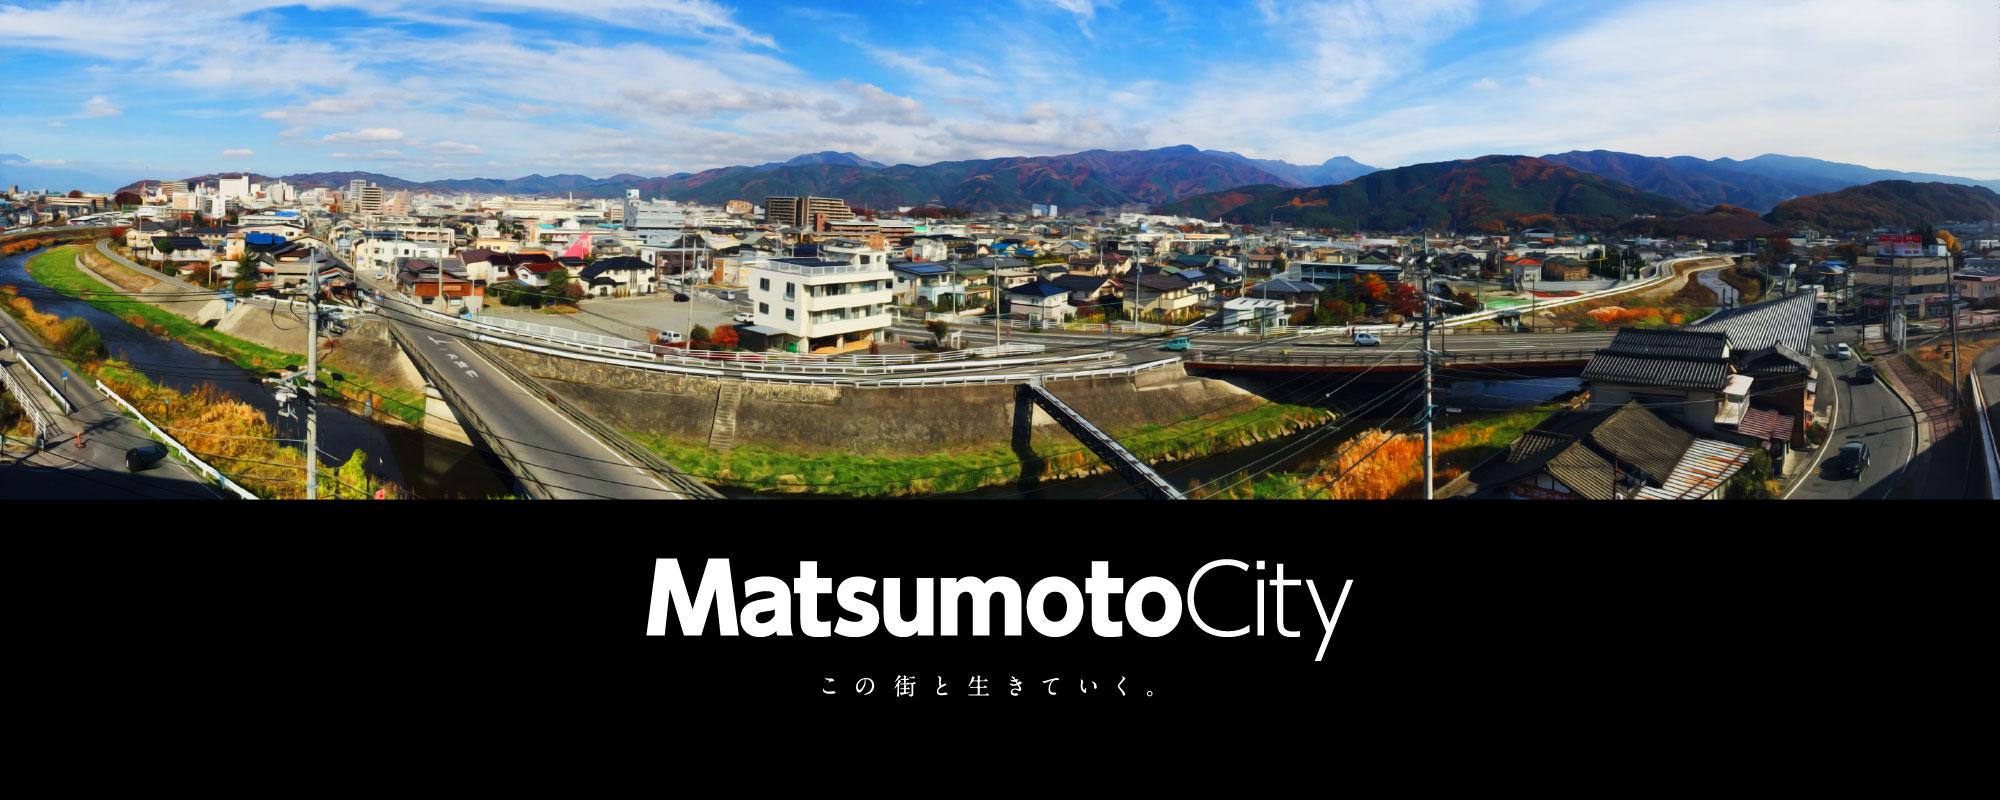 松本市 この街と生きていく。